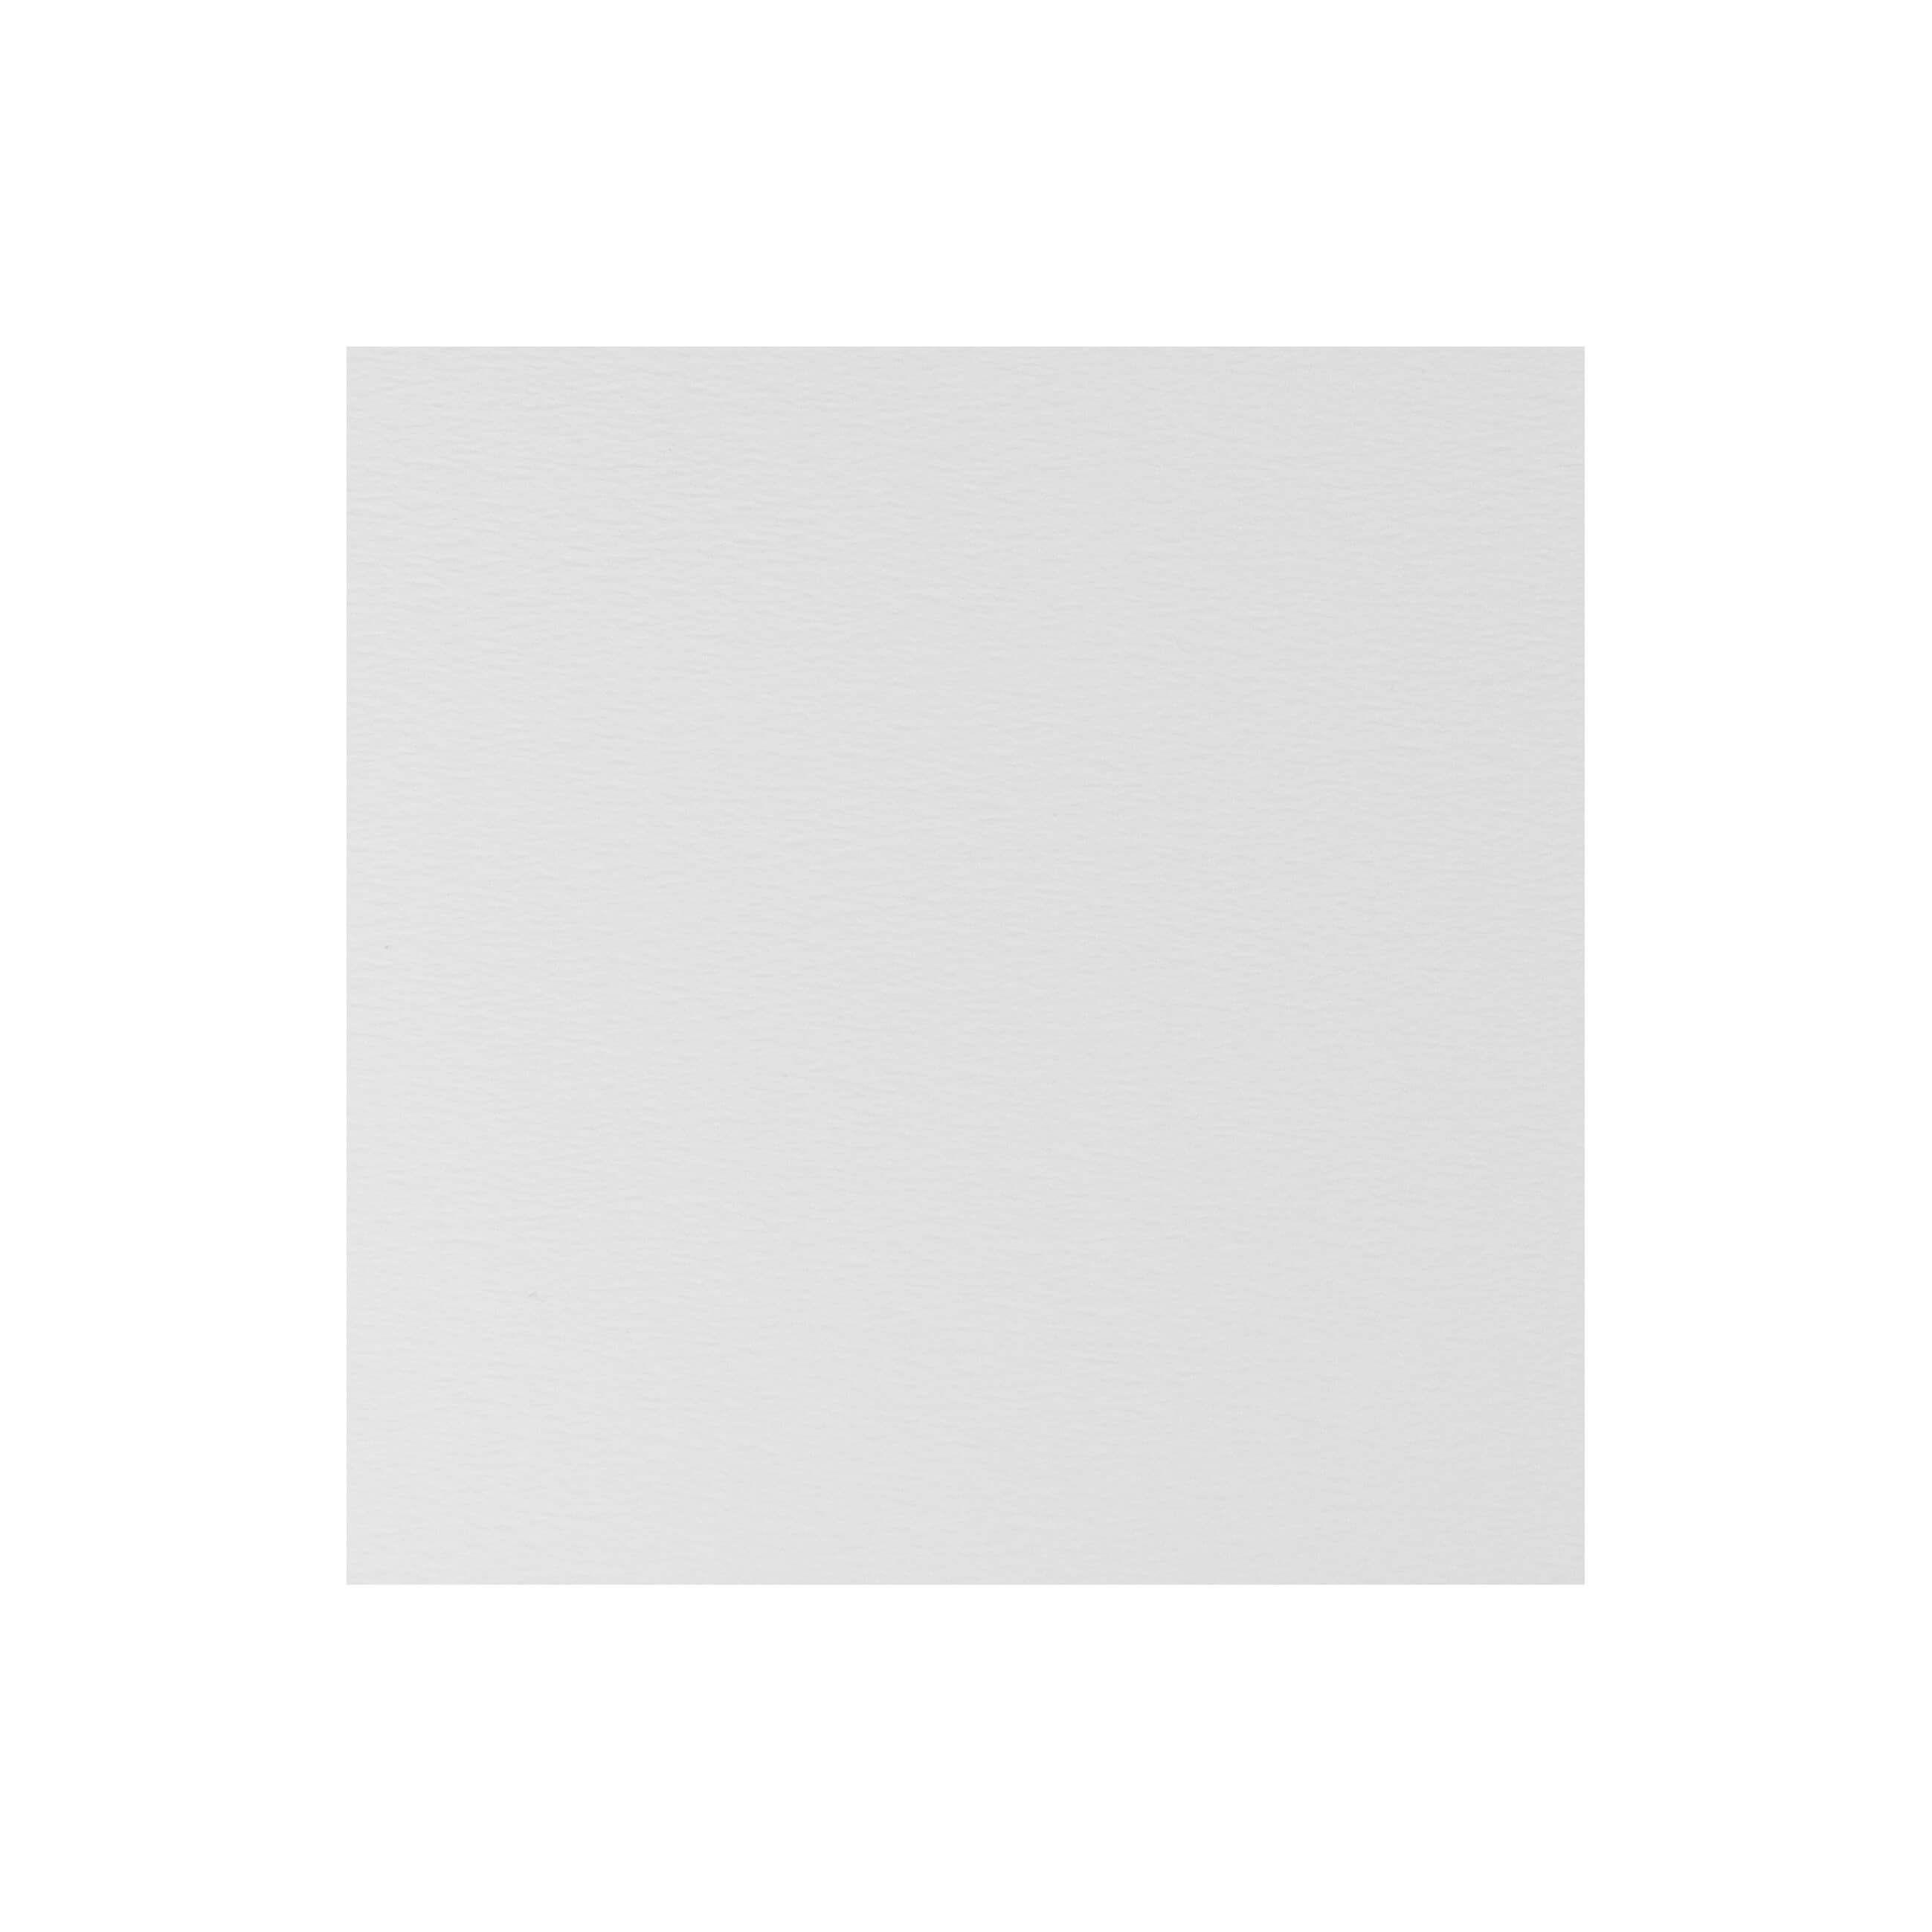 Cardstock 141mm Square - Antique White